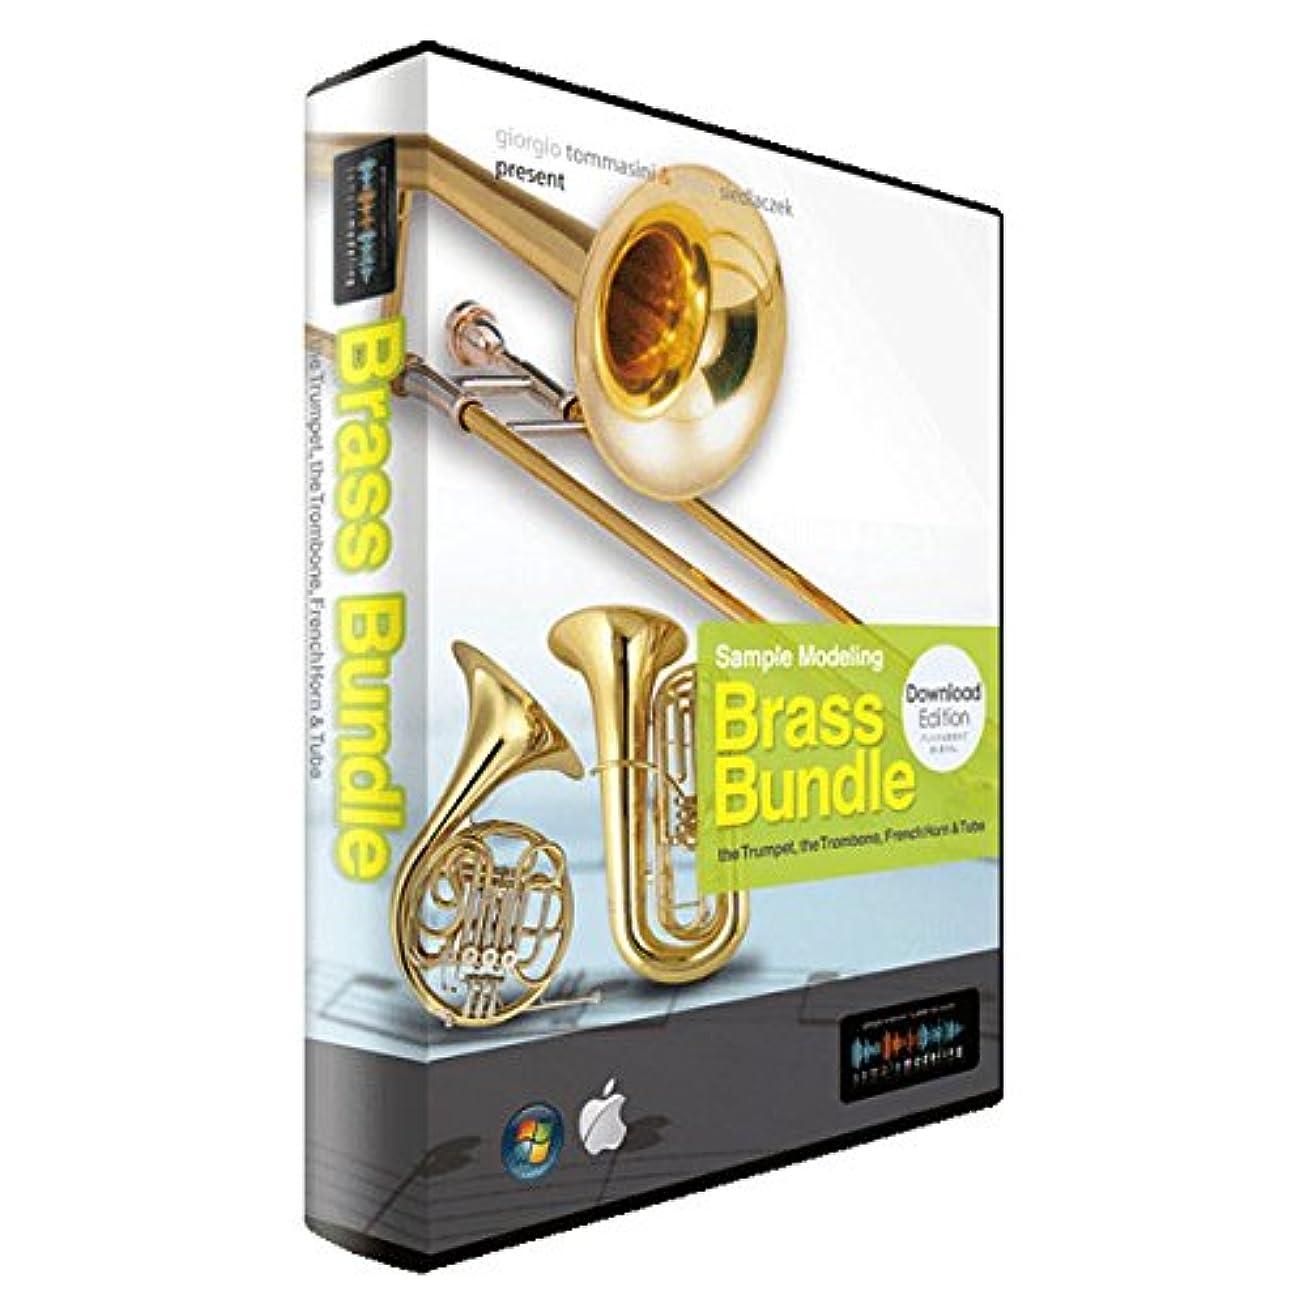 終点英語の授業があります動的SampleModeling ブラスセクション音源 Brass Bundle 3